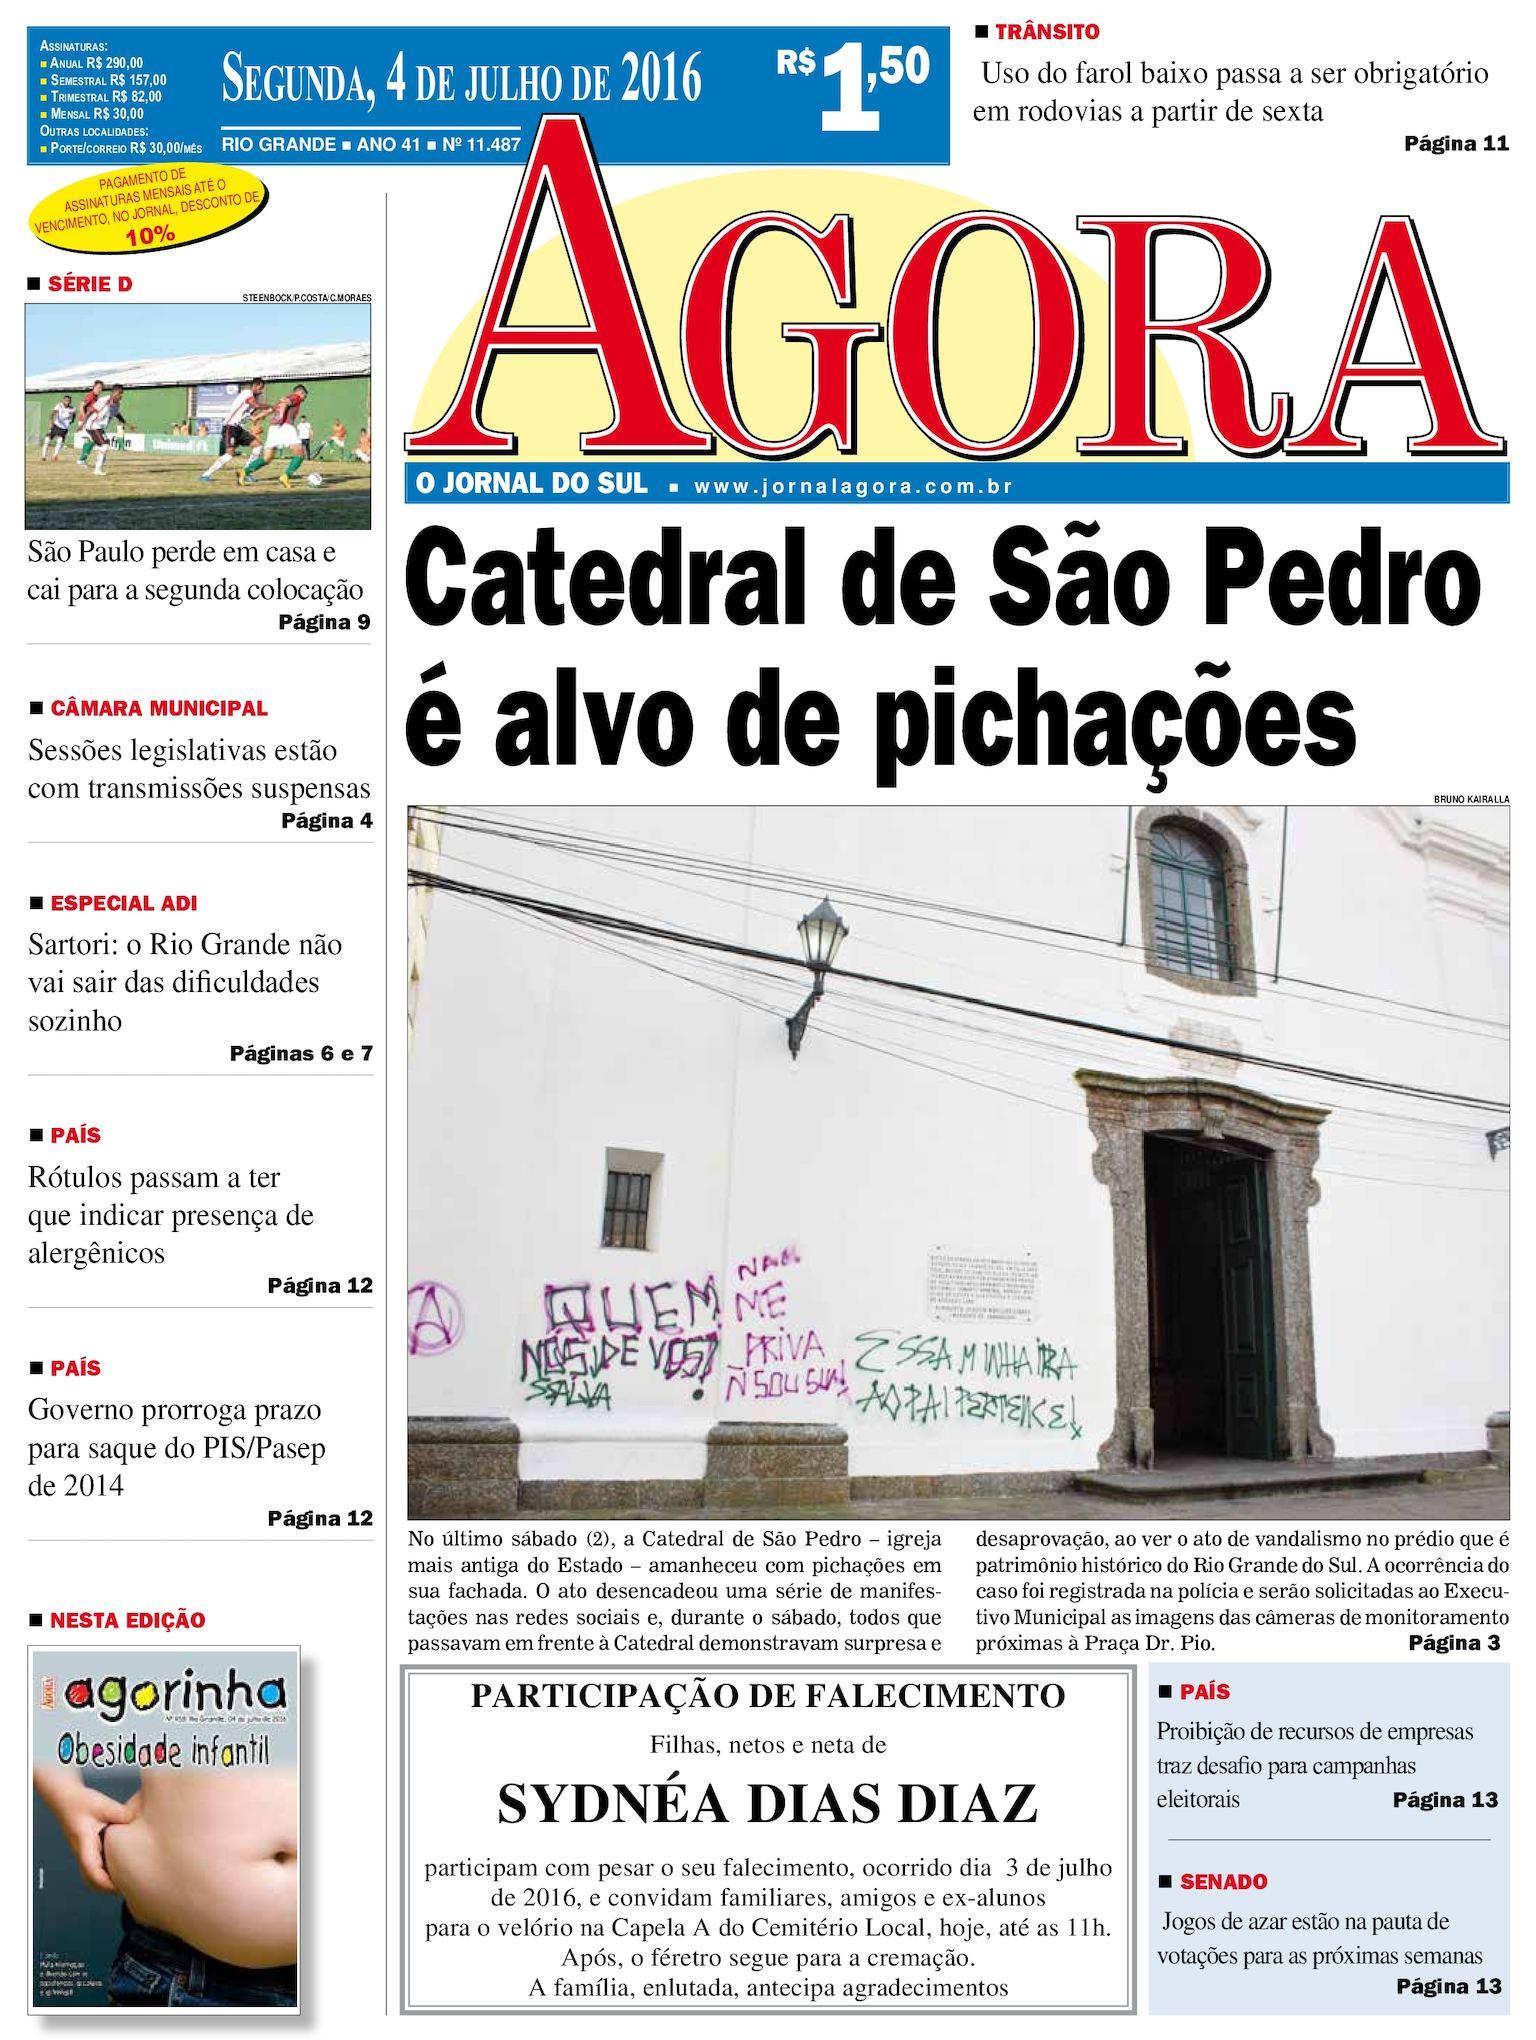 3e1e8b1f7 Calaméo - Jornal Agora - Edição 11487 - 4 de Julho de 2016